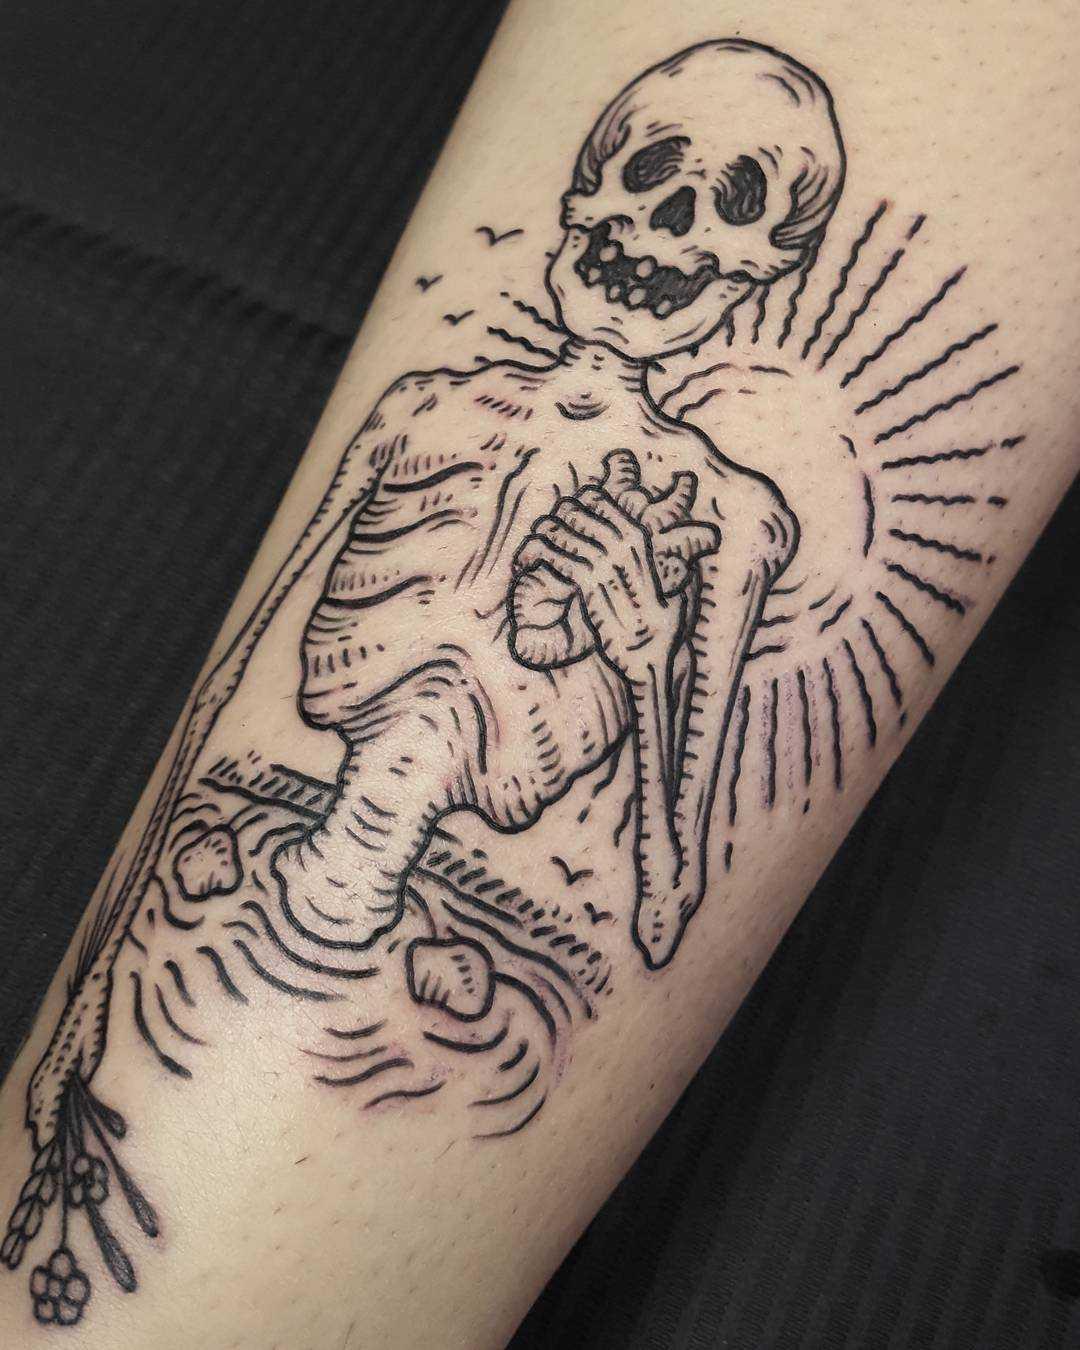 Skeleton in Lake Michigan tattoo